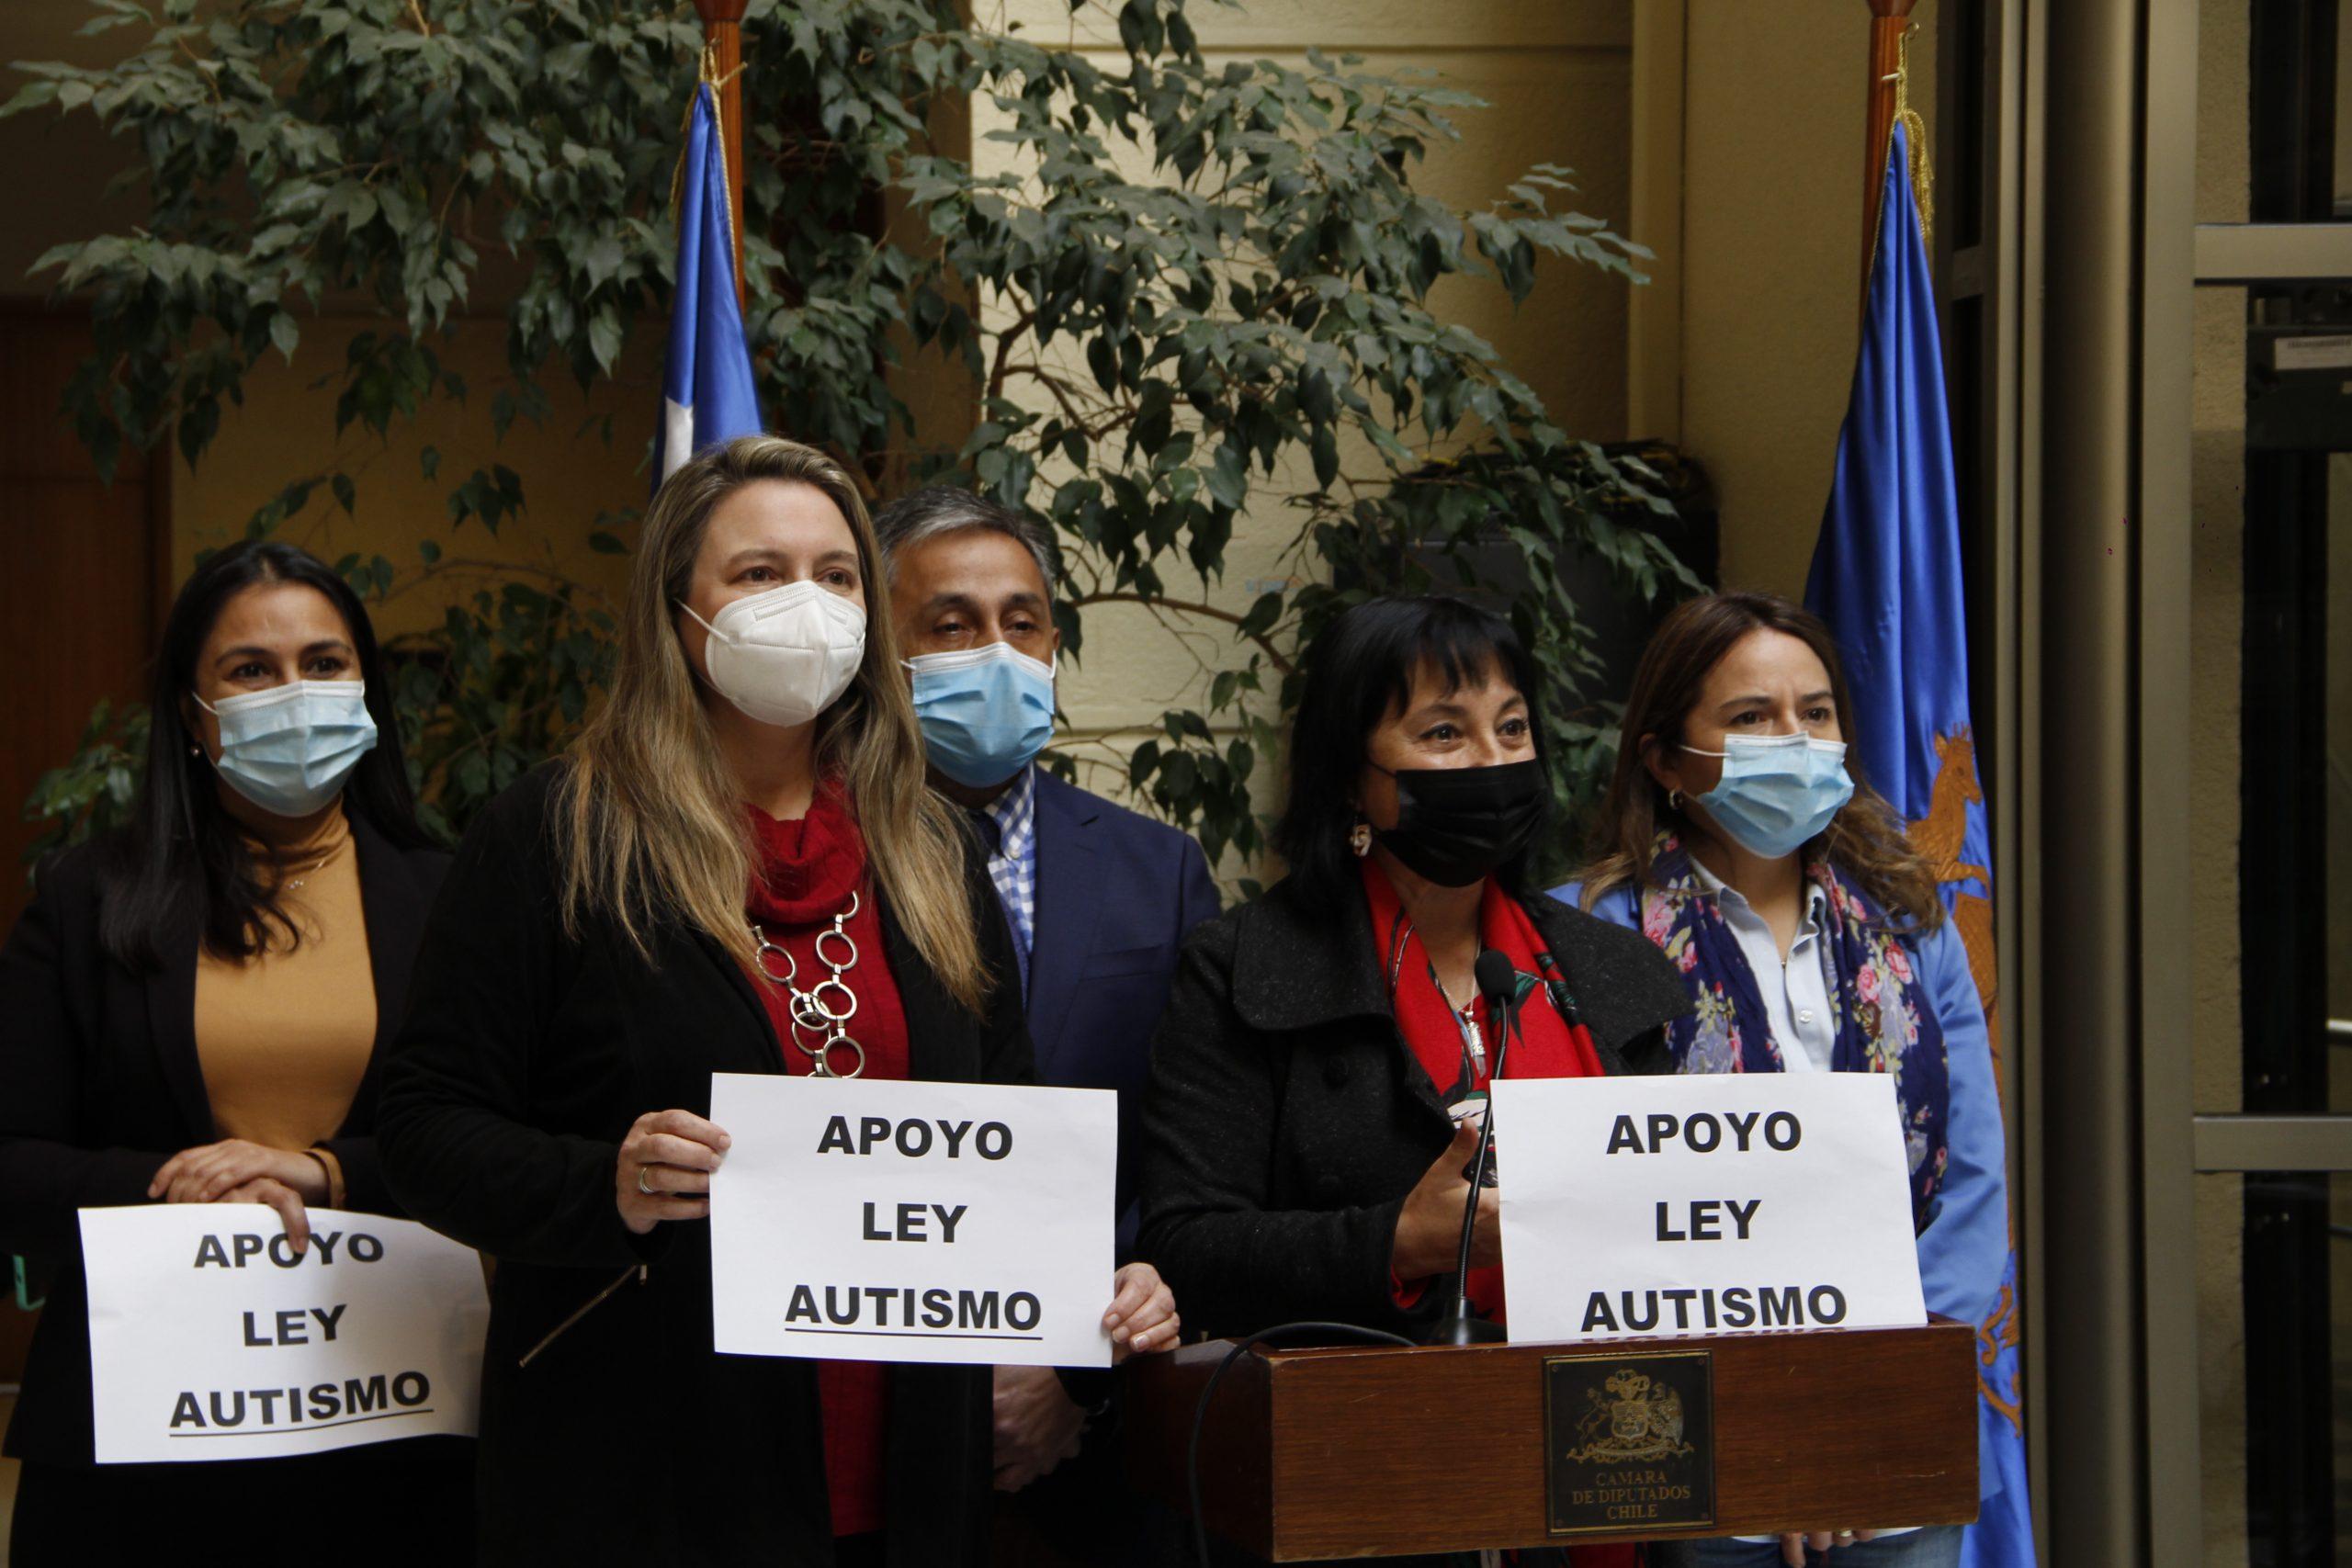 Presentan proyecto de ley para la protección e inclusión de personas con Espectro Autista: Organizaciones participaron en su elaboración